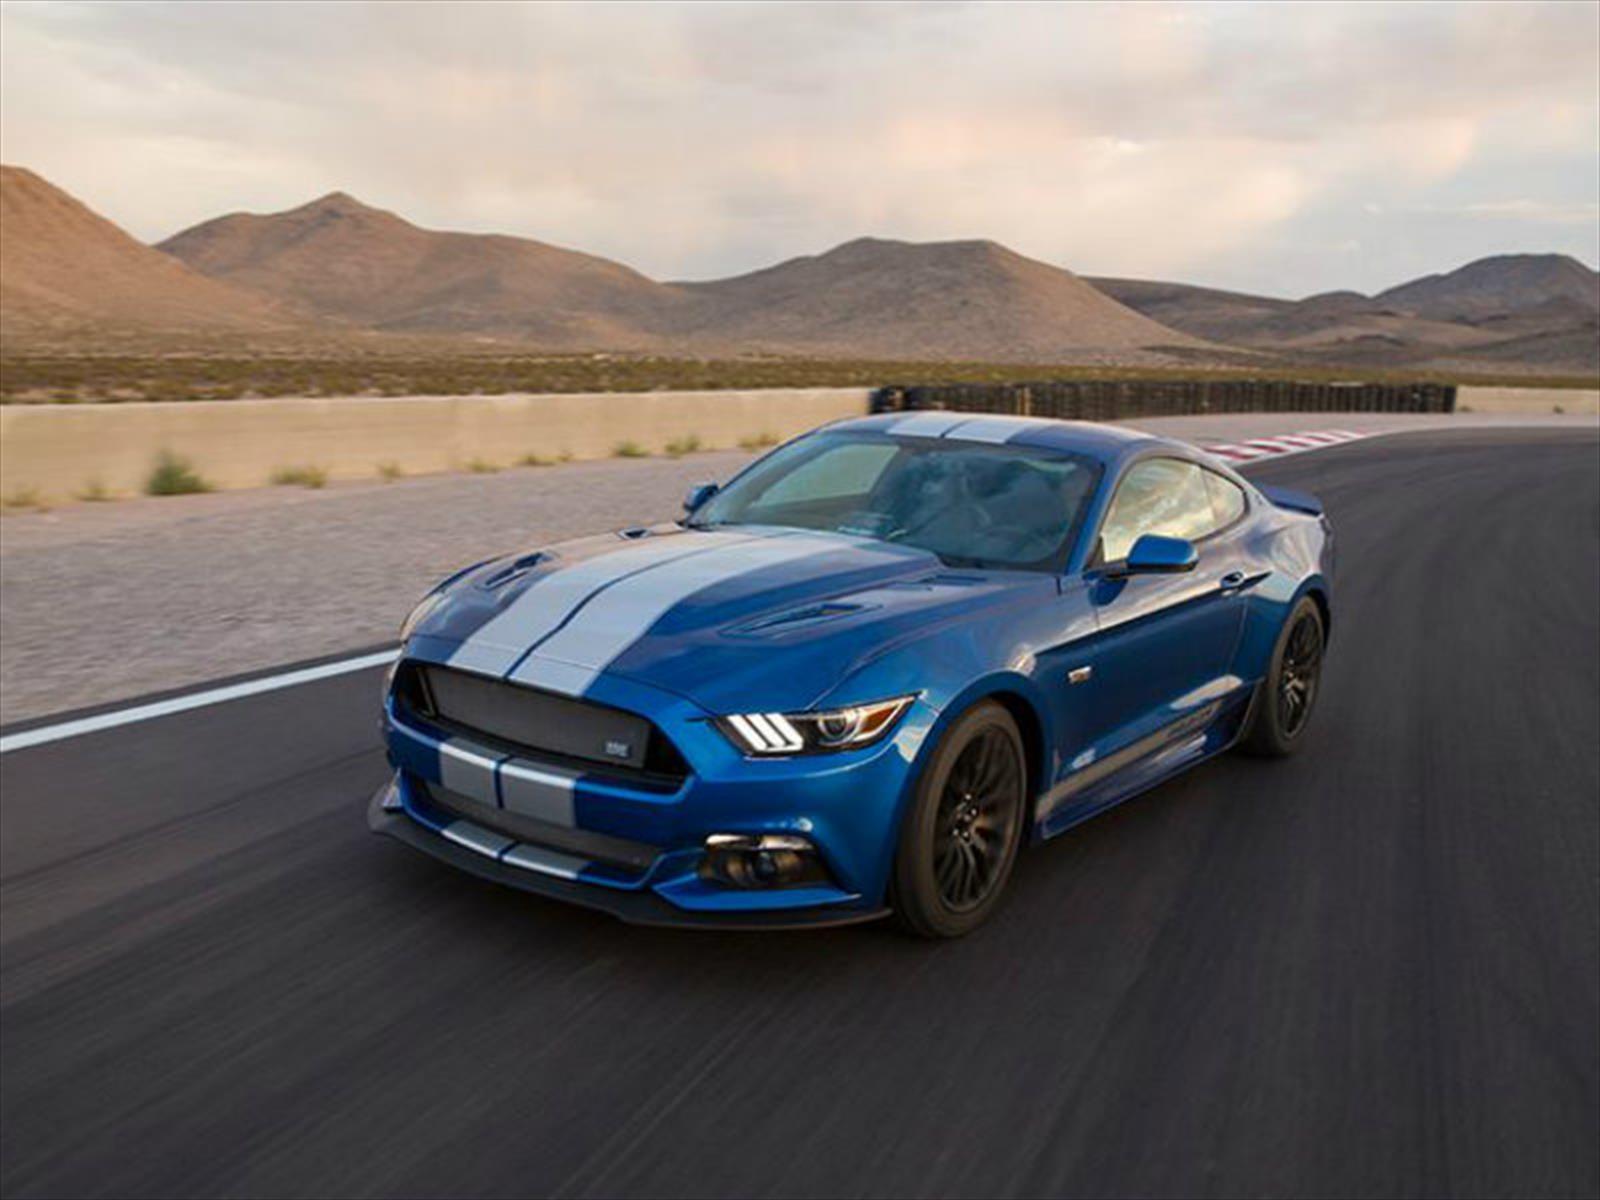 Shelby GTE 2017, un Mustang con más desempeño